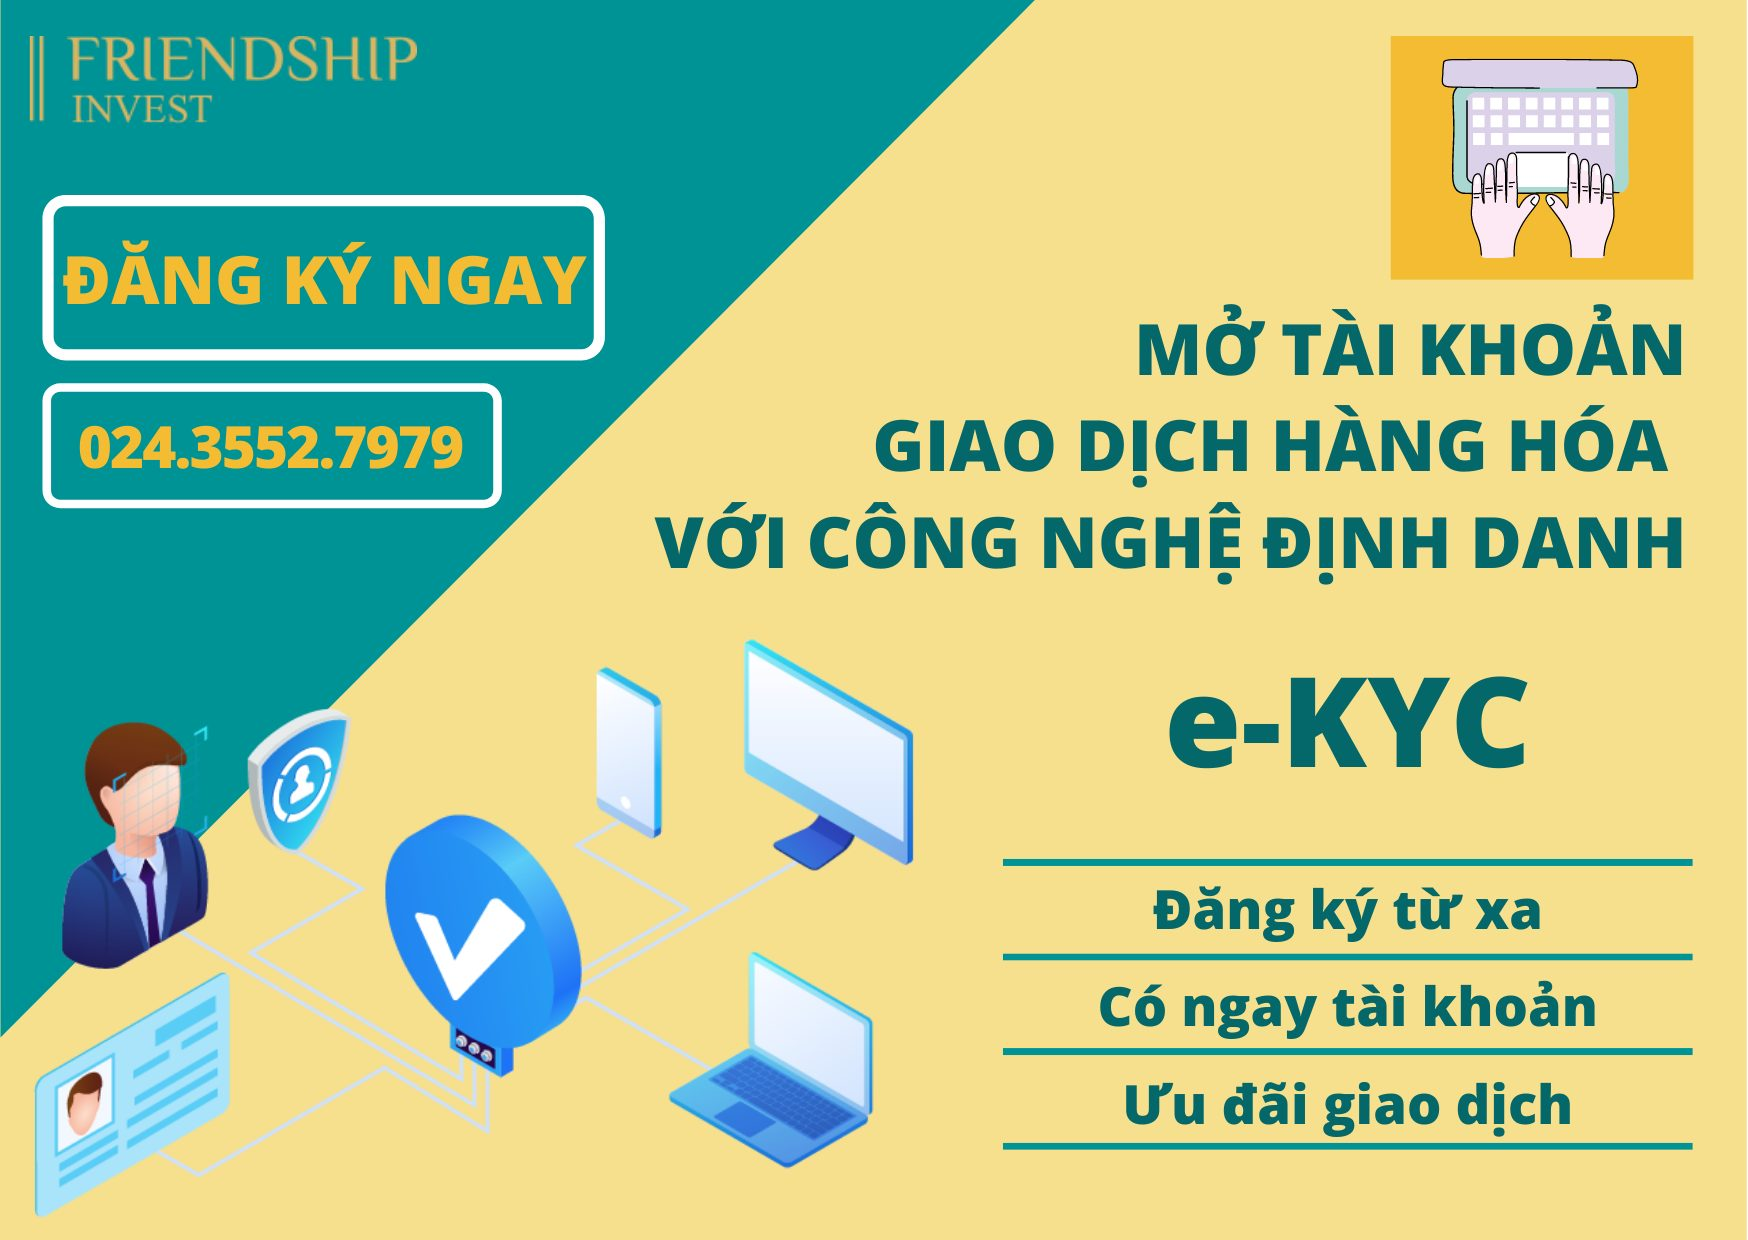 Mở tài khoản giao dịch hàng hóa với hệ thống định danh e-KYC